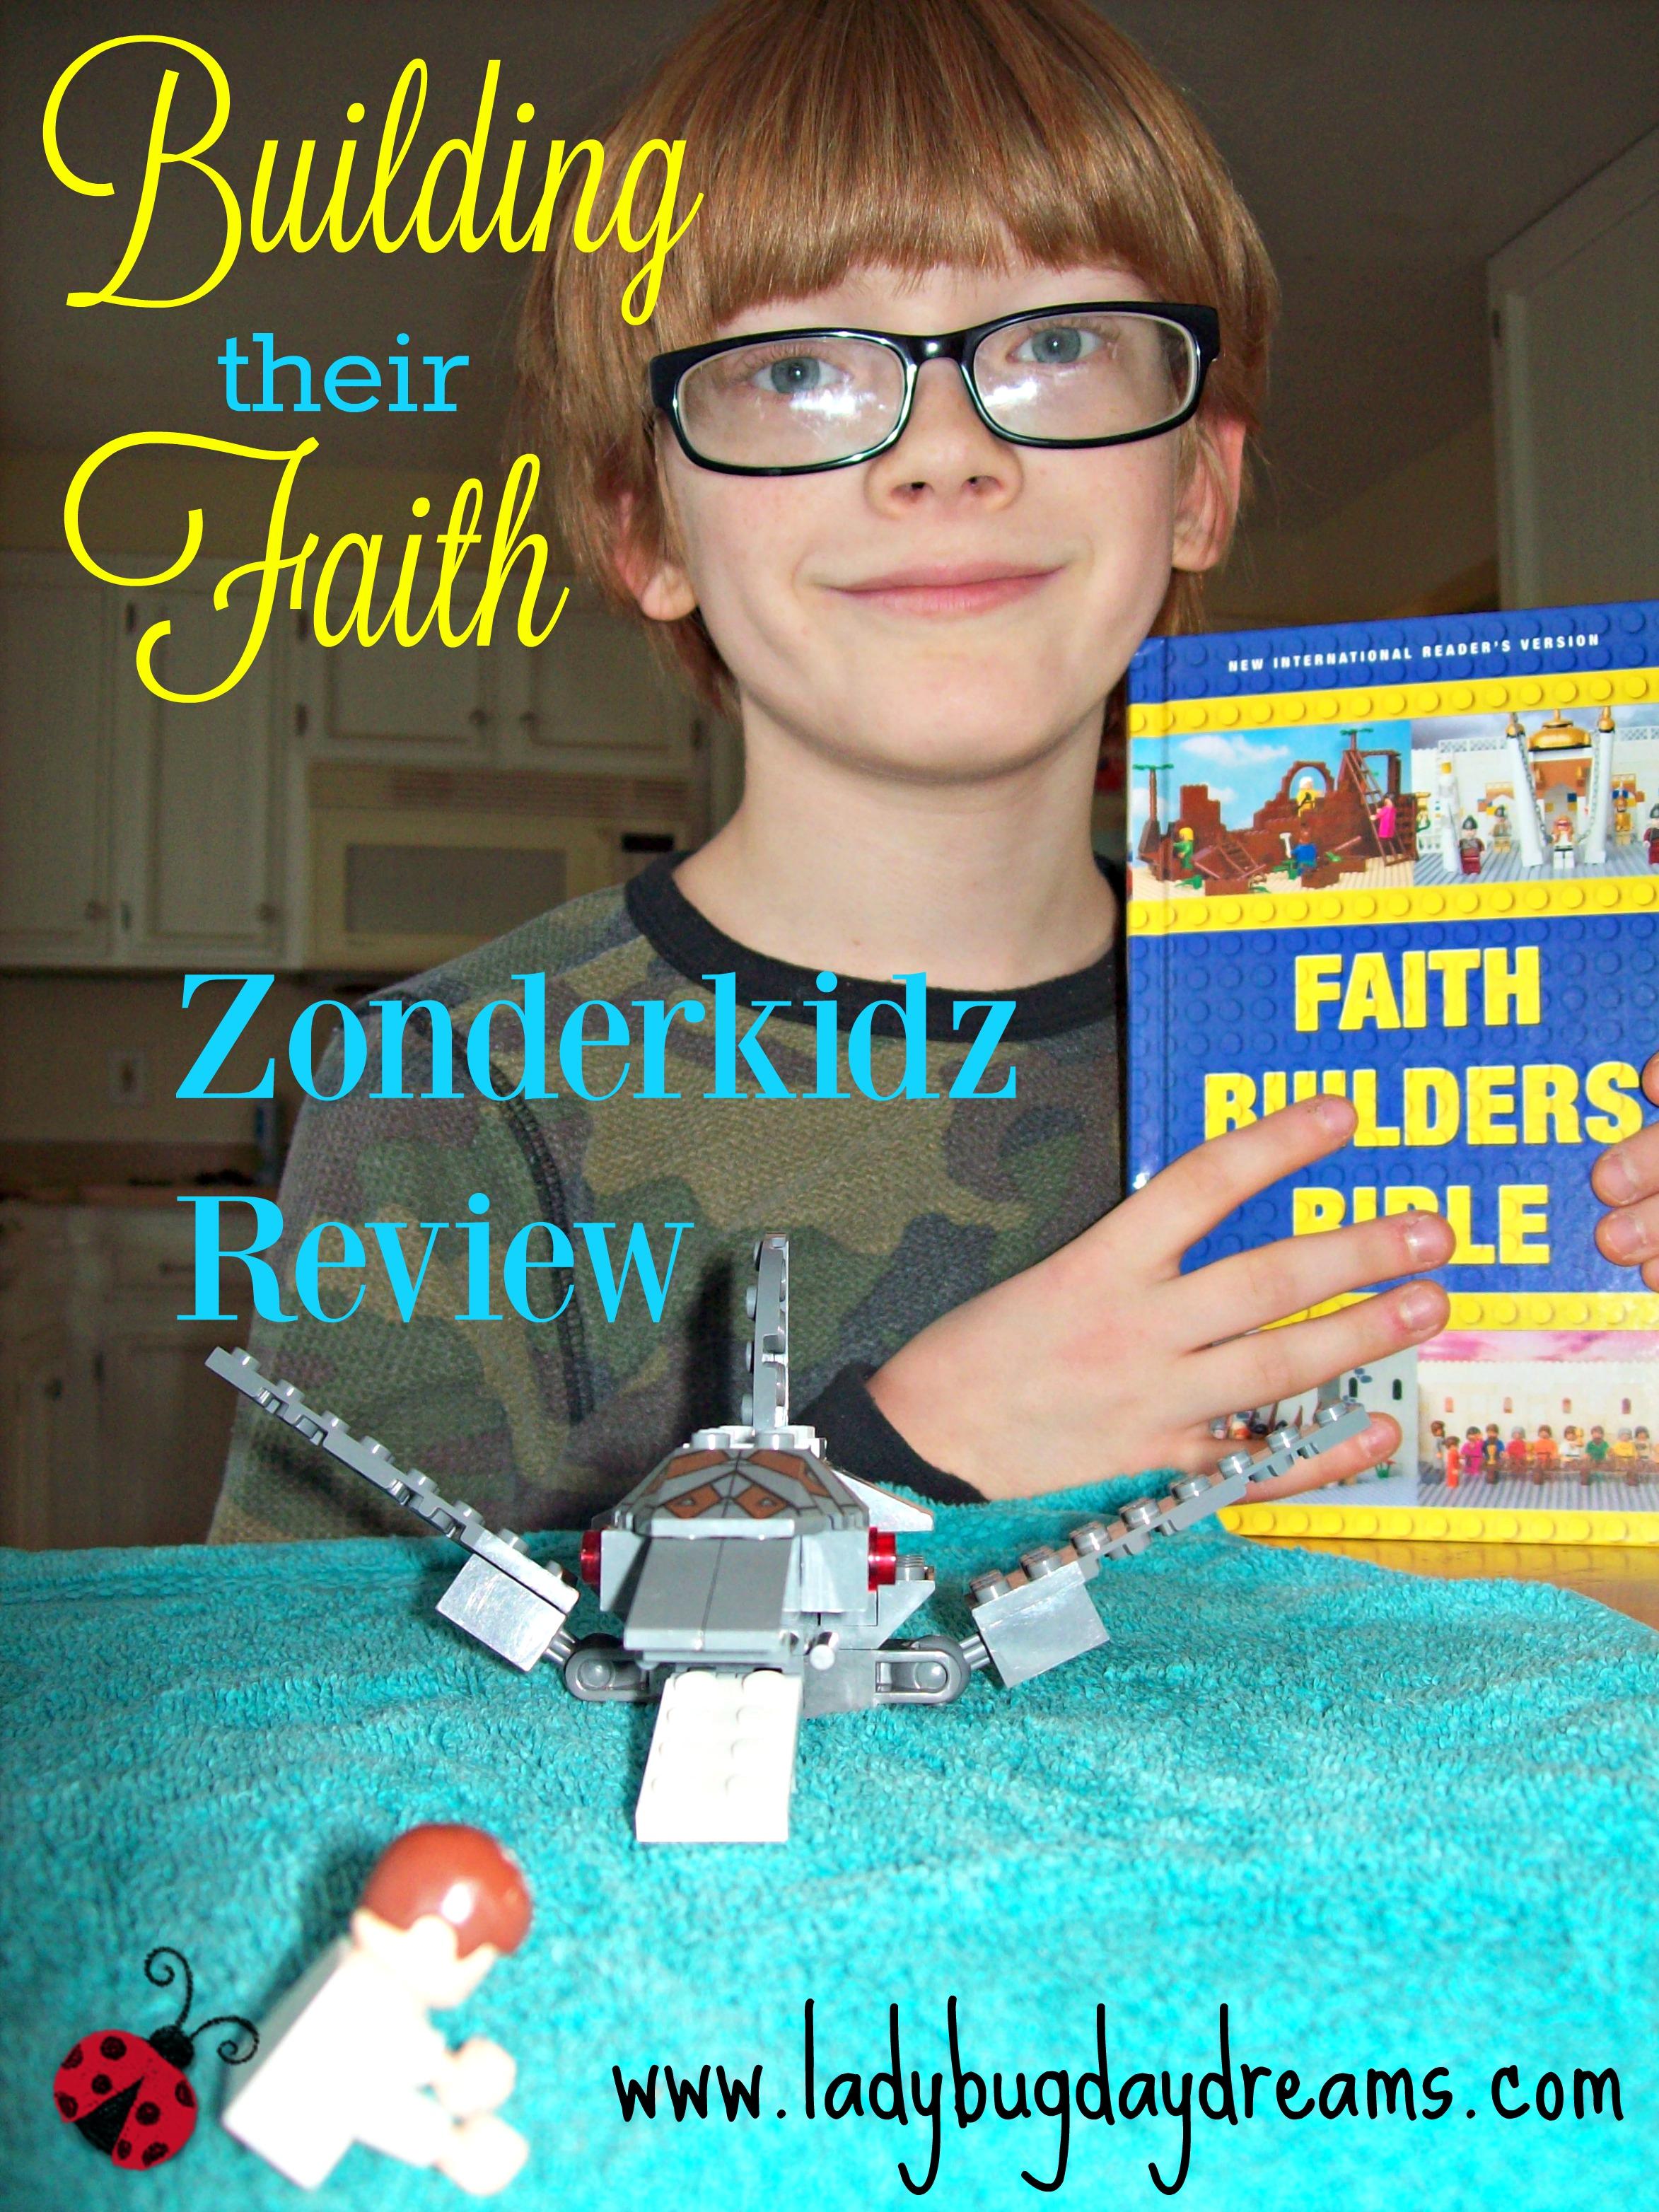 Zonderkidz Review